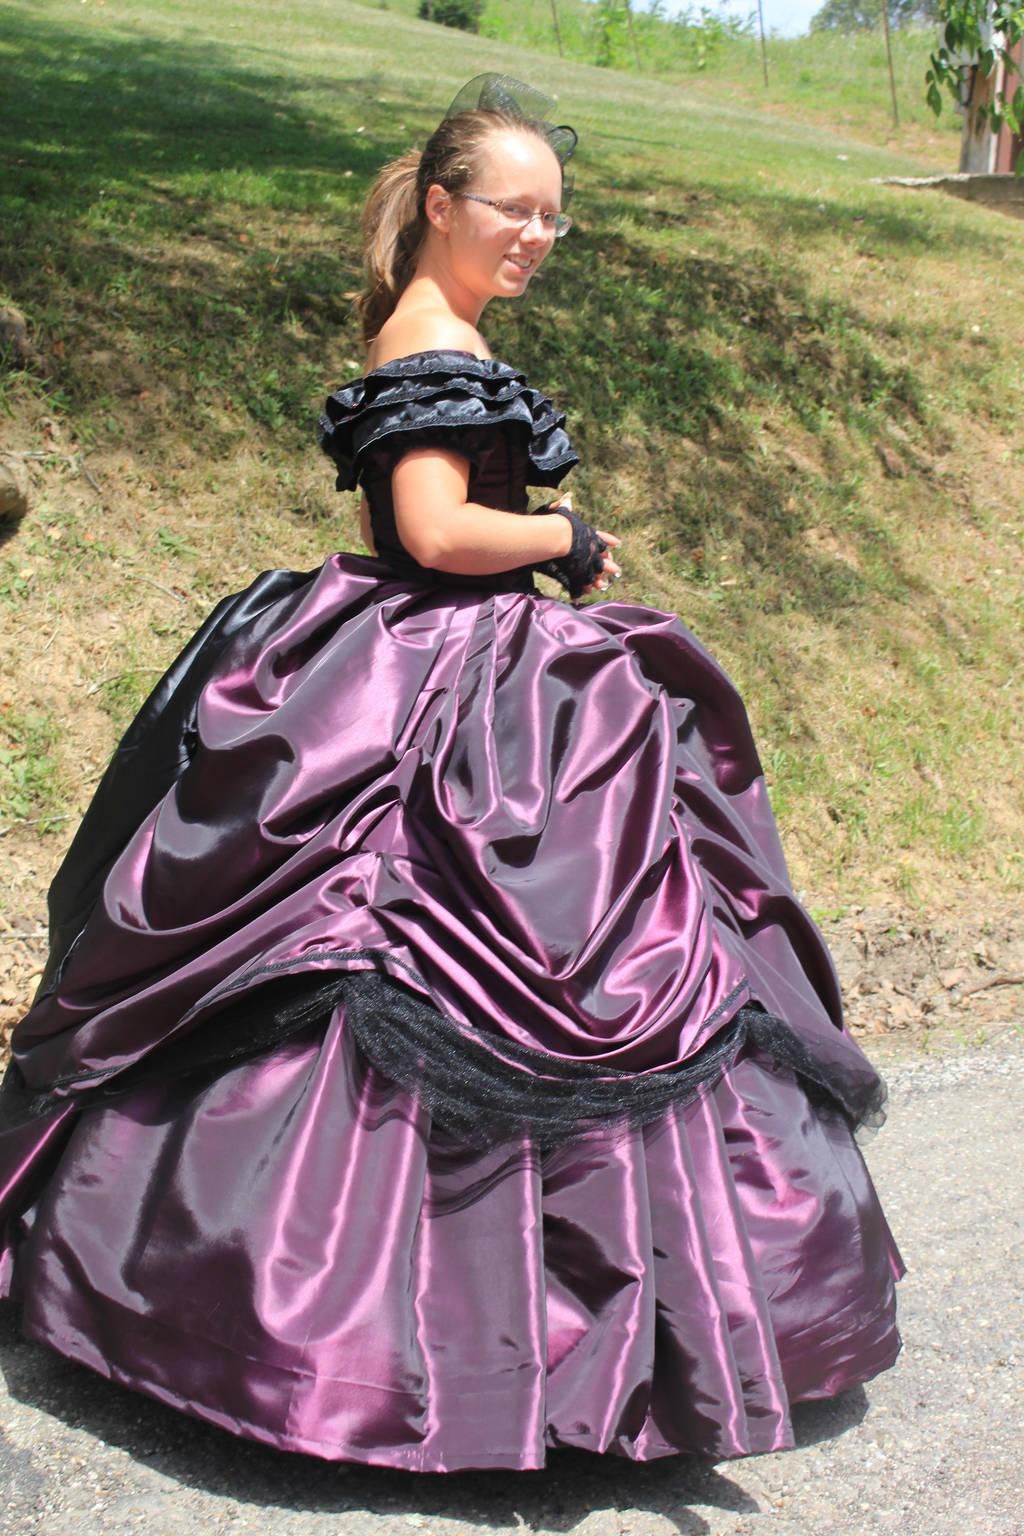 Civil War Ballgown 2017 - 2 by Thy-Darkest-Hour